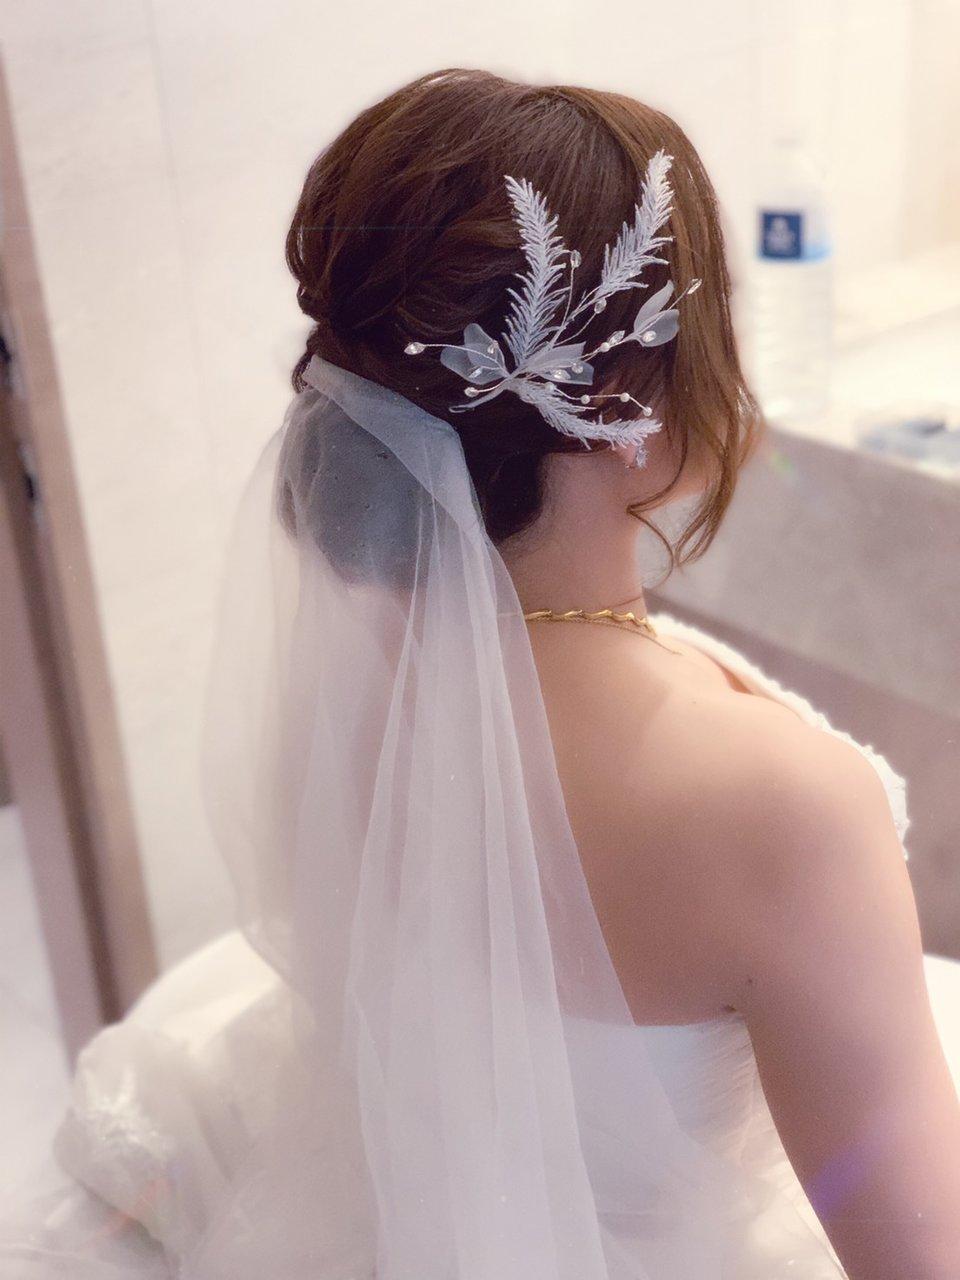 台北新秘erica lin專業新娘造型師,真的大推!! 讓你美到不要不要的